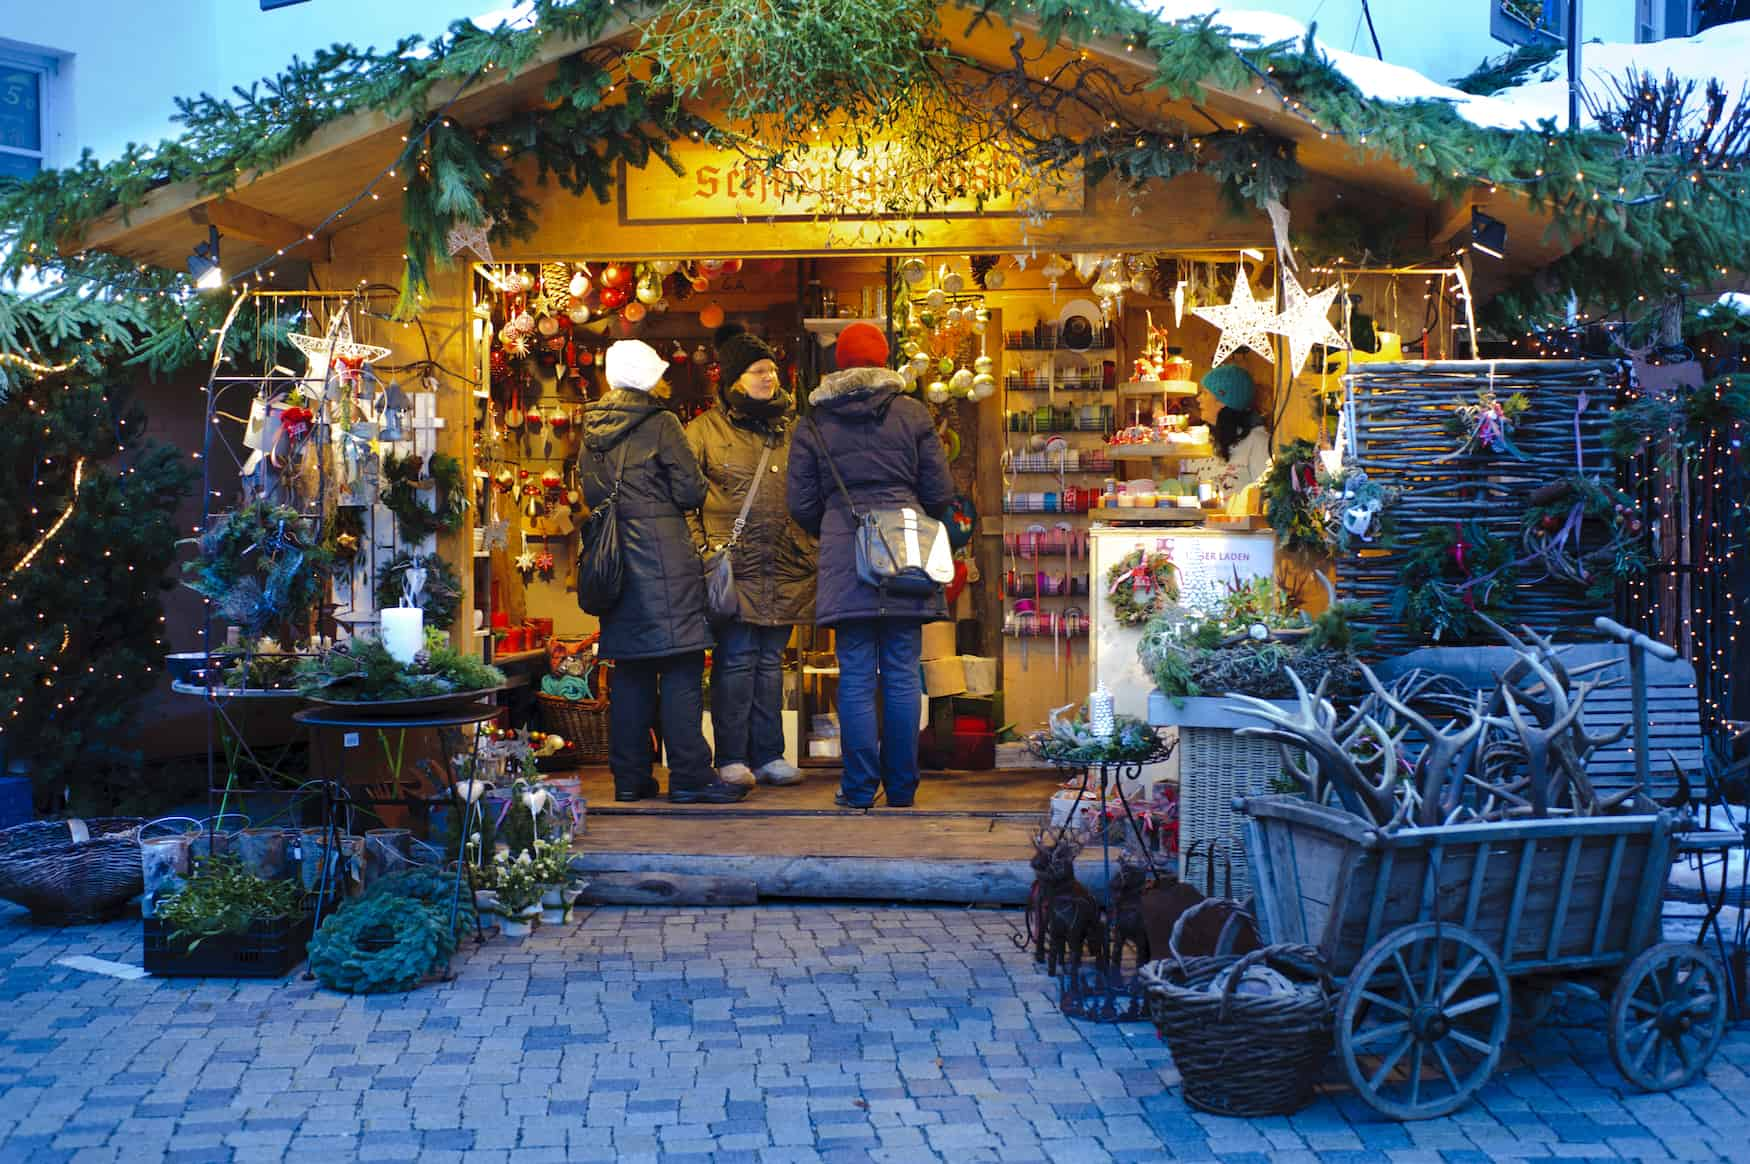 Bad Hindelang Weihnachtsmarkt.Bad Hindelang Weihnachtsmarkt Magazin